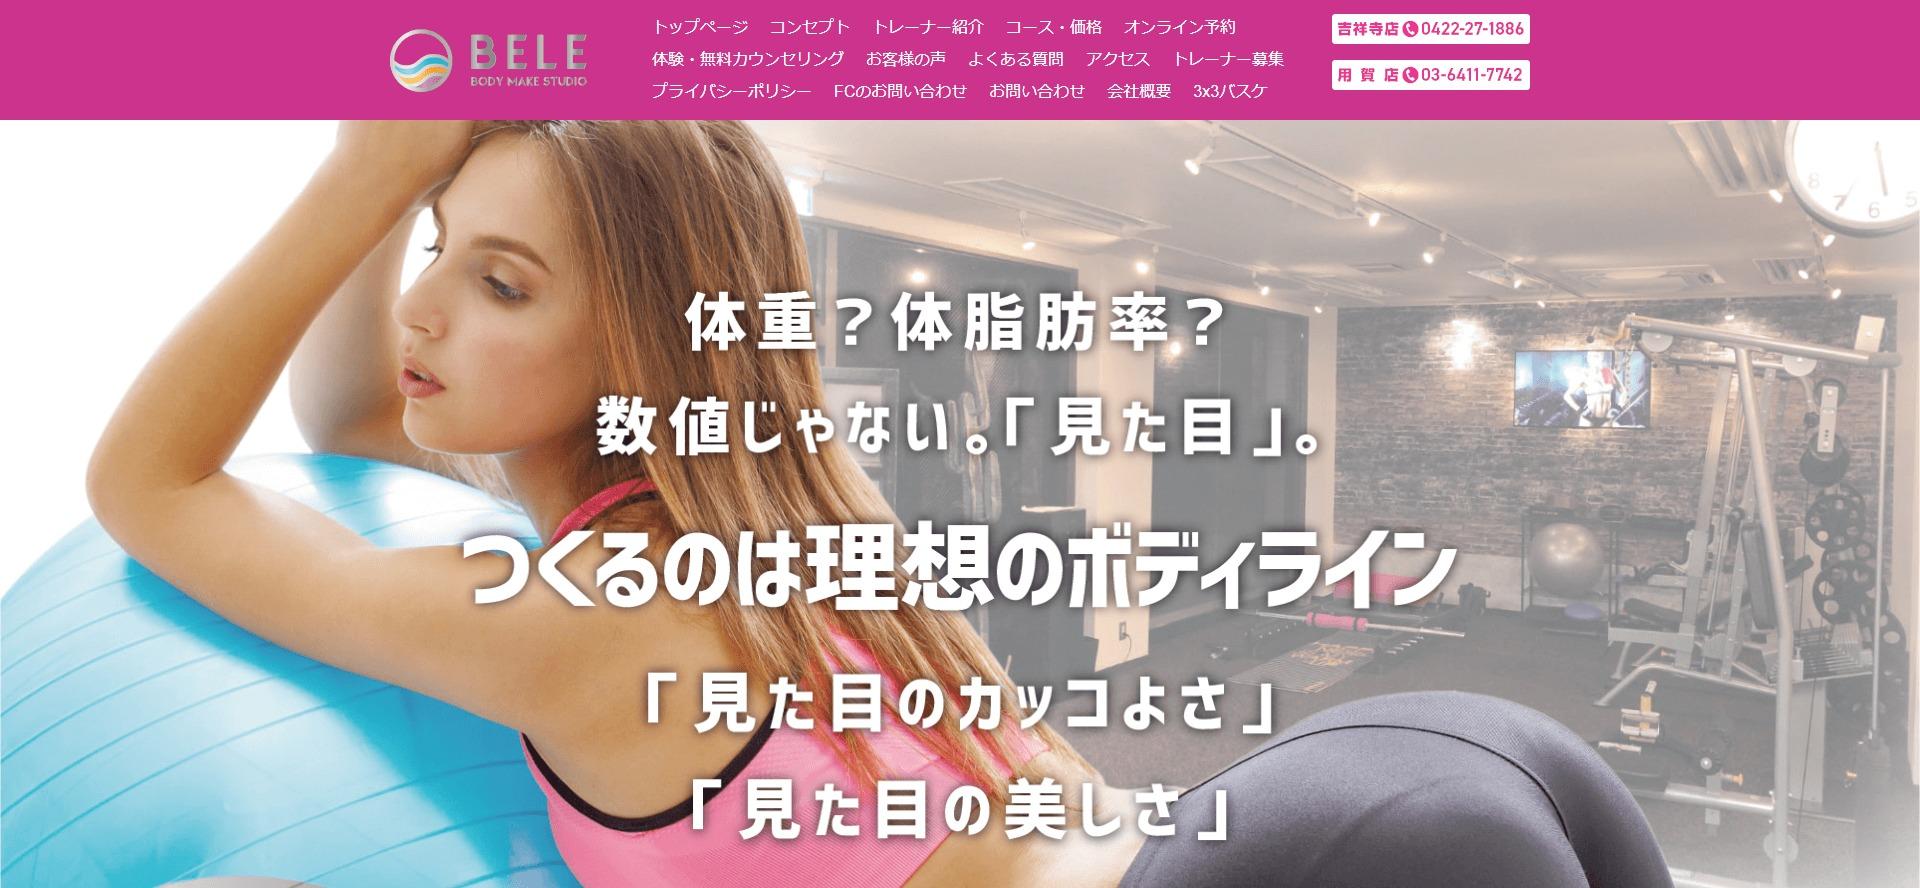 吉祥寺エリアでおすすめのパーソナルトレーニングジム「BELE BODYMAKE STUDIO(ベーレ)吉祥寺店